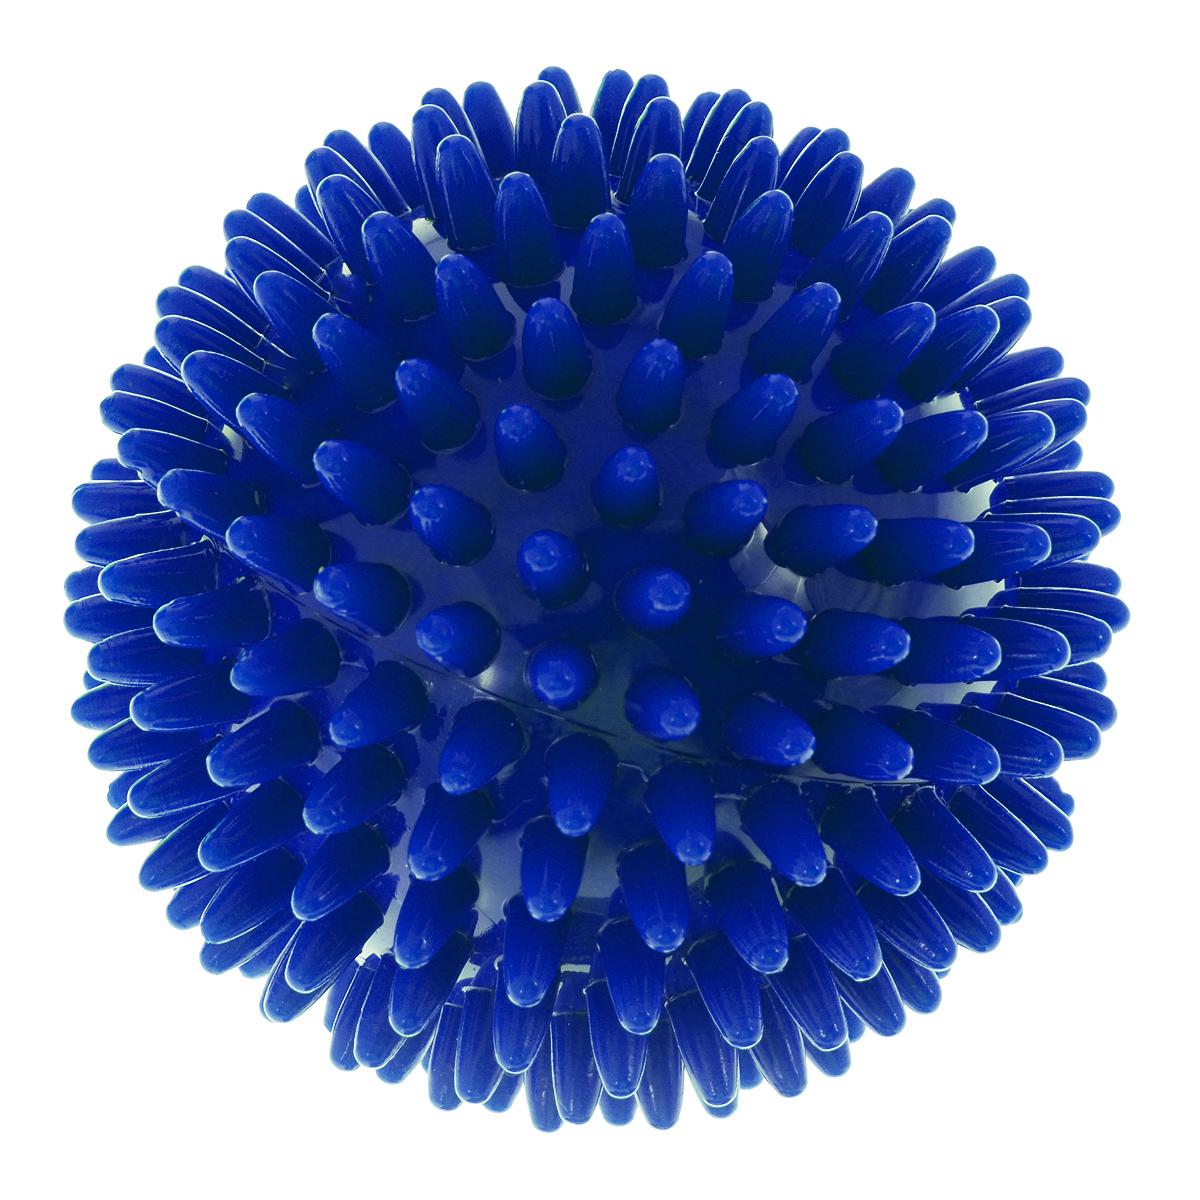 Игрушка для собак V.I.Pet Массажный мяч, цвет: синий, диаметр 8 смBL11-015-80Игрушка для собак V.I.Pet Массажный мяч, изготовленная из ПВХ, предназначена для массажа и самомассажа рефлексогенных зон. Она имеет мягкие закругленные массажные шипы, эффективно массирующие и не травмирующие кожу. Игрушка не позволит скучать вашему питомцу ни дома, ни на улице.Диаметр: 8 см.